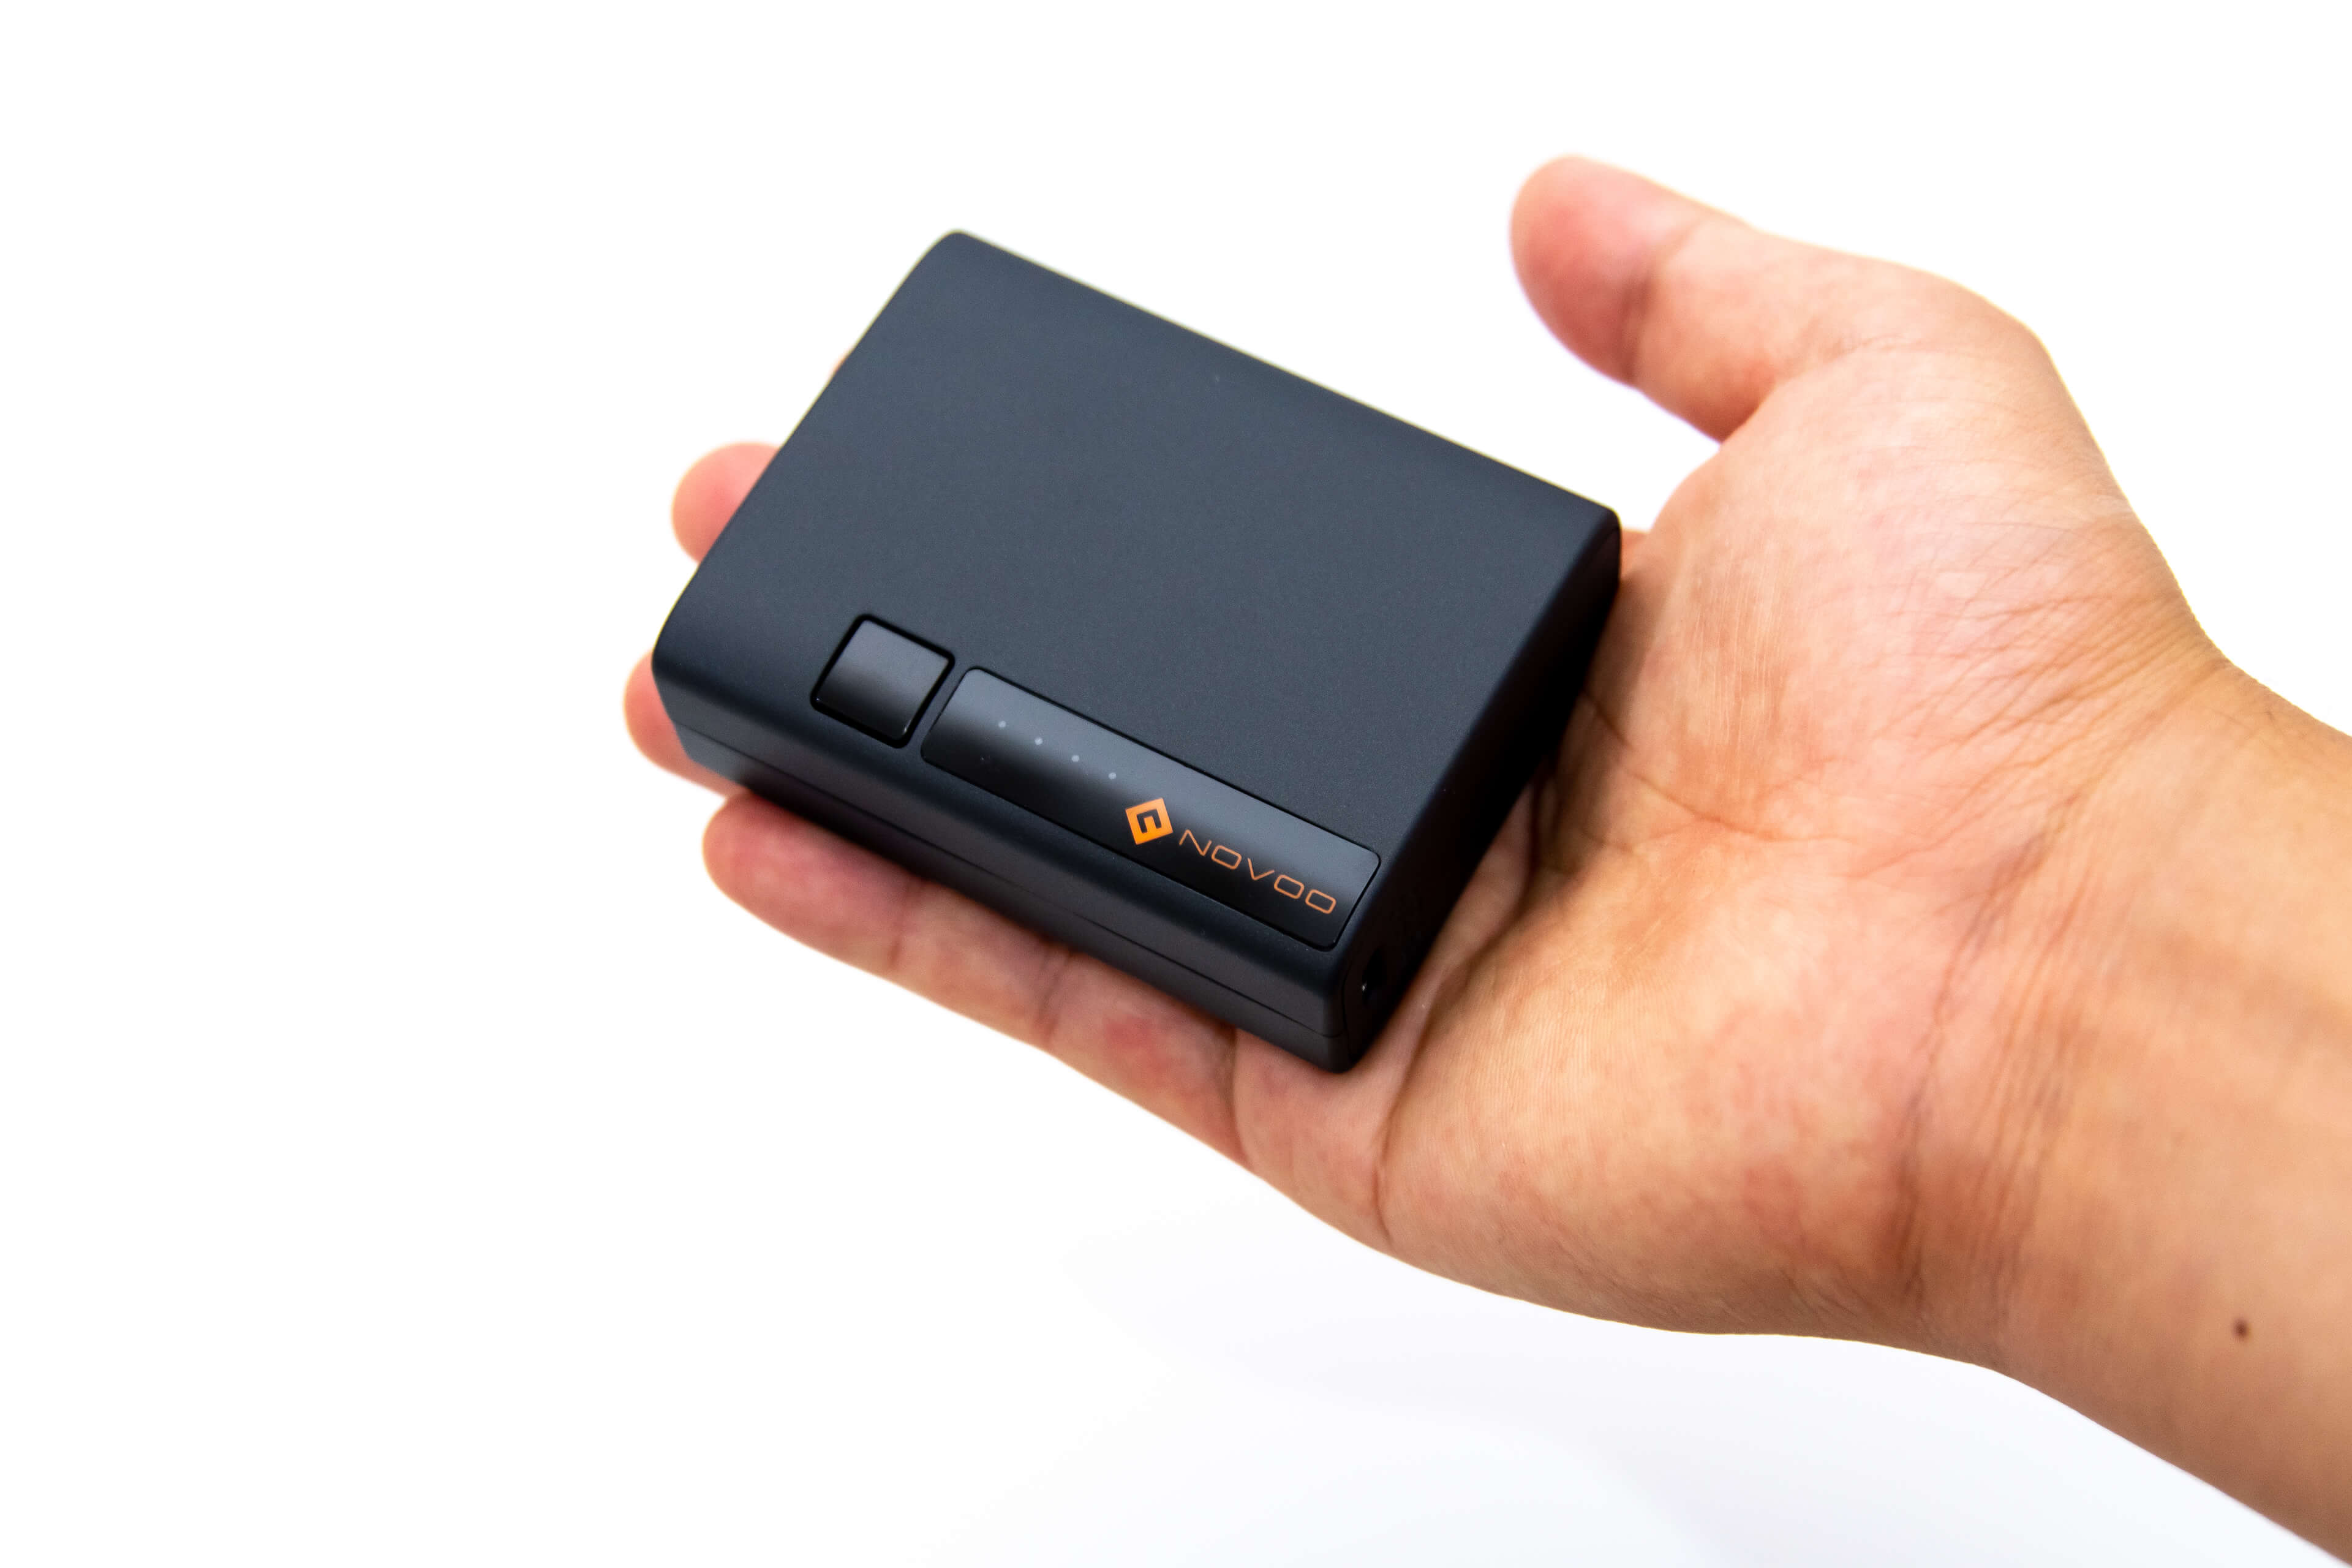 USB PD モバイルバッテリー Novoo PowerCube コンパクトなサイズ